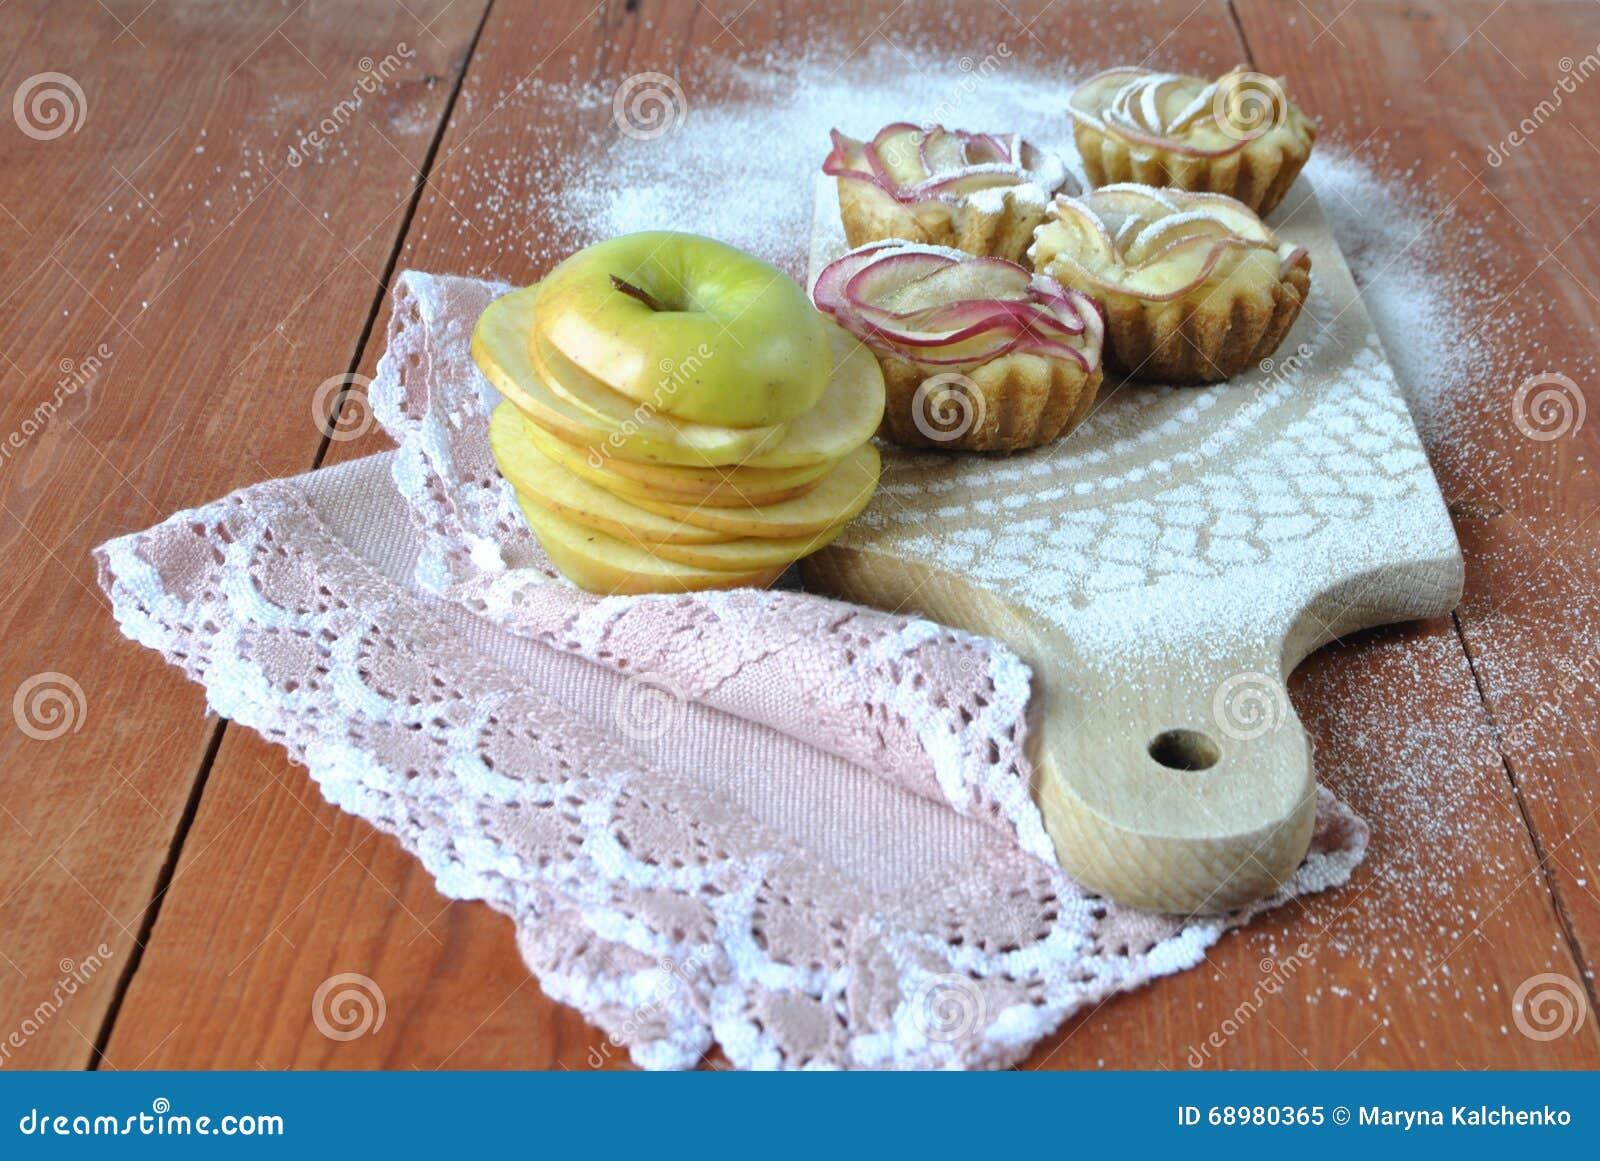 Булочки с яблоками